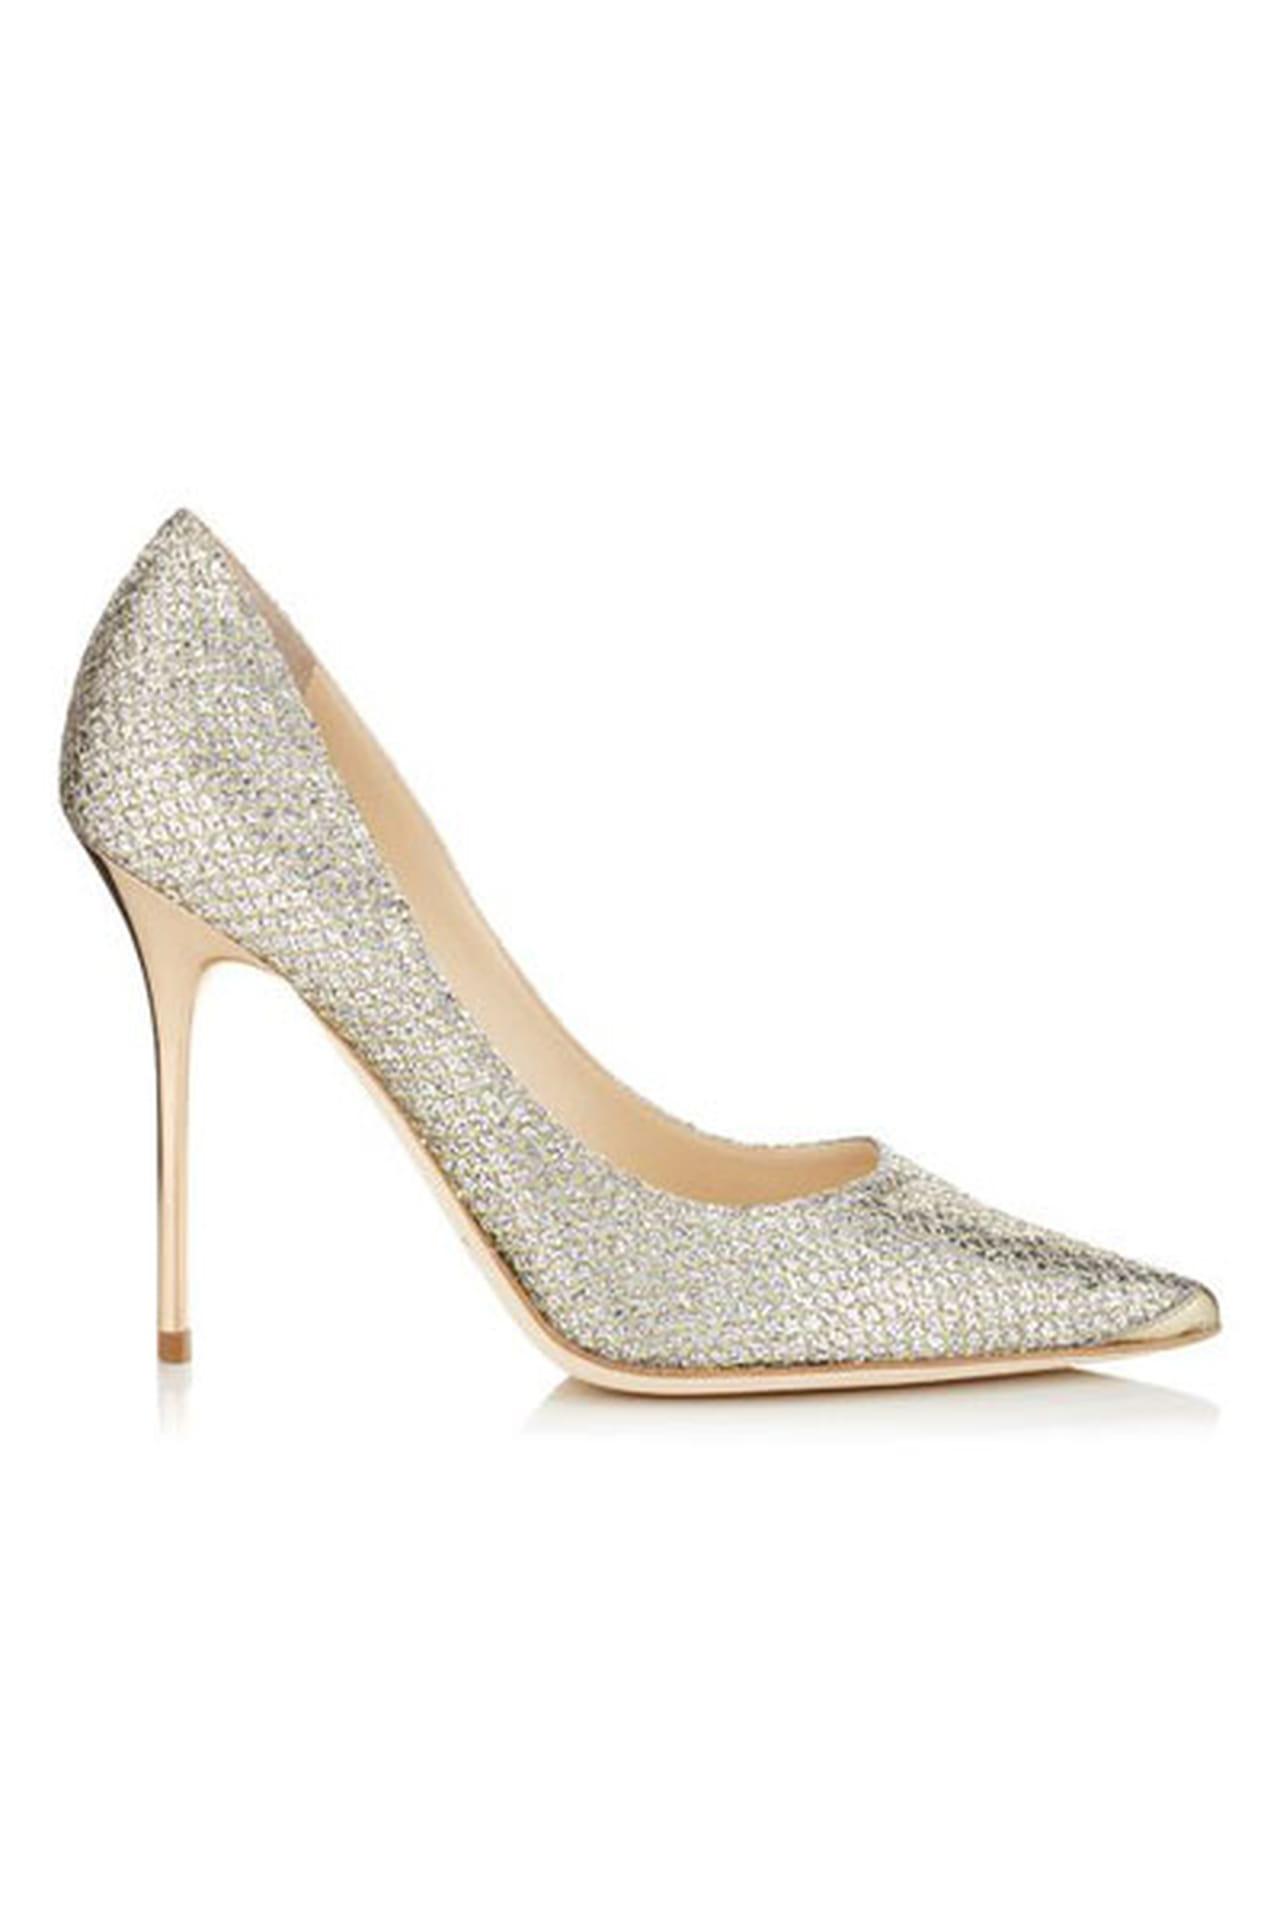 e9d157035 احذية العروس 2015 من جيمي شو لتكملي سحرك في ليلة الزفاف